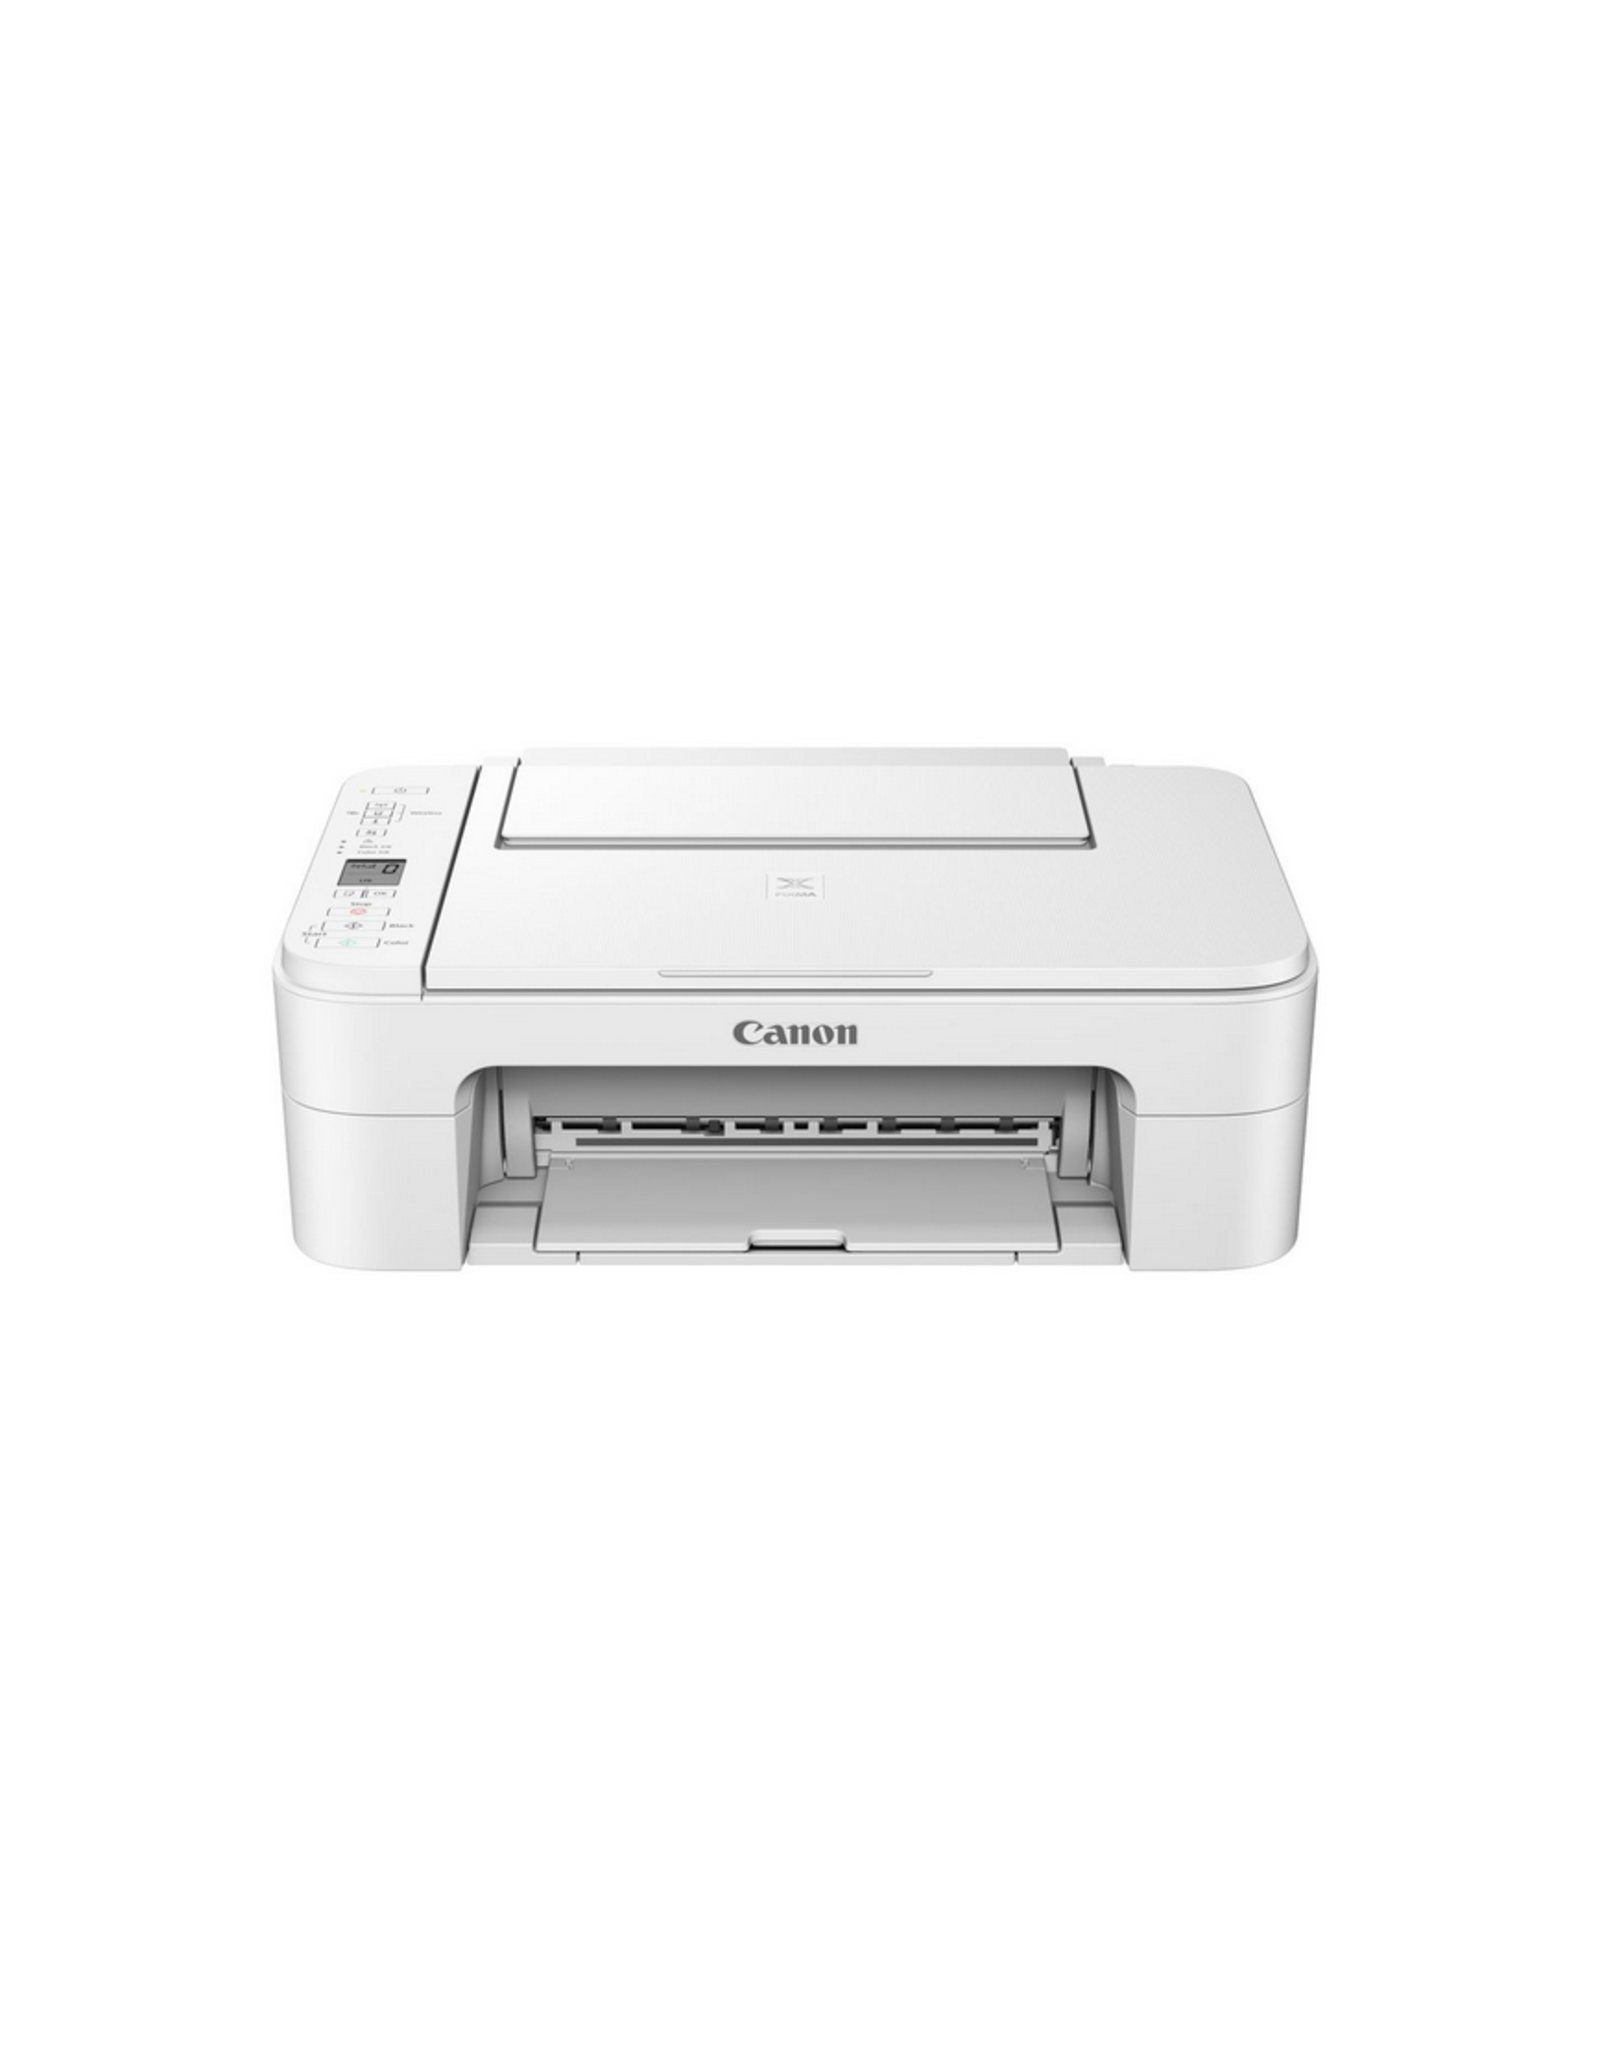 Canon Printer - Canon PIXMA TS3320 White Wireless Inkjet All-in-One